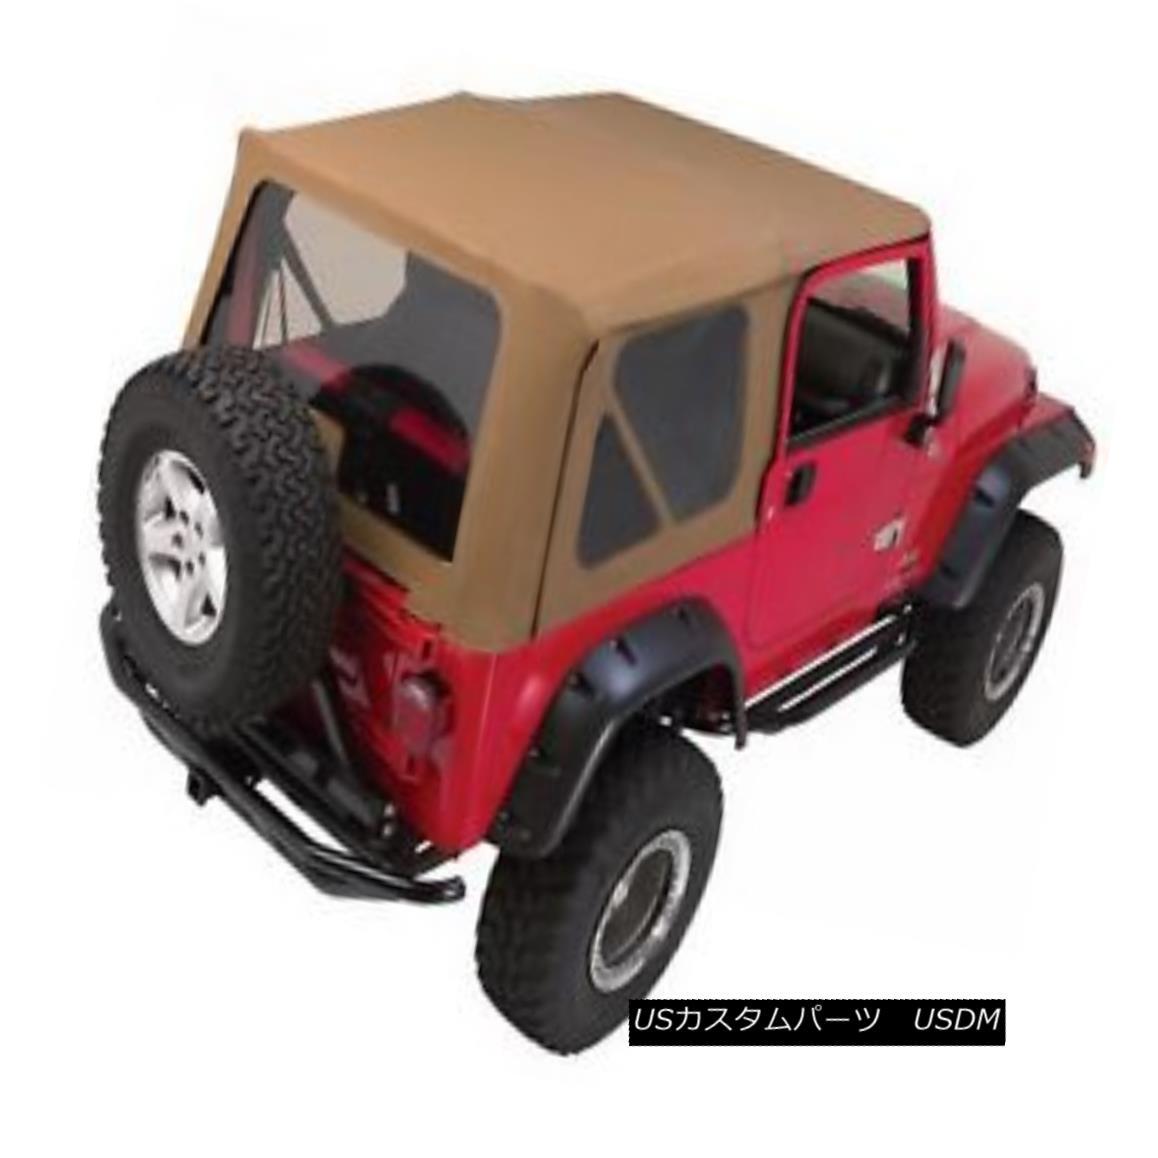 幌・ソフトトップ Rampage 68836 Complete Soft Top Kit Fits 97-06 Wrangler (TJ) Rampage 68836完全なソフトトップキット、97-06 Wrangler(TJ)